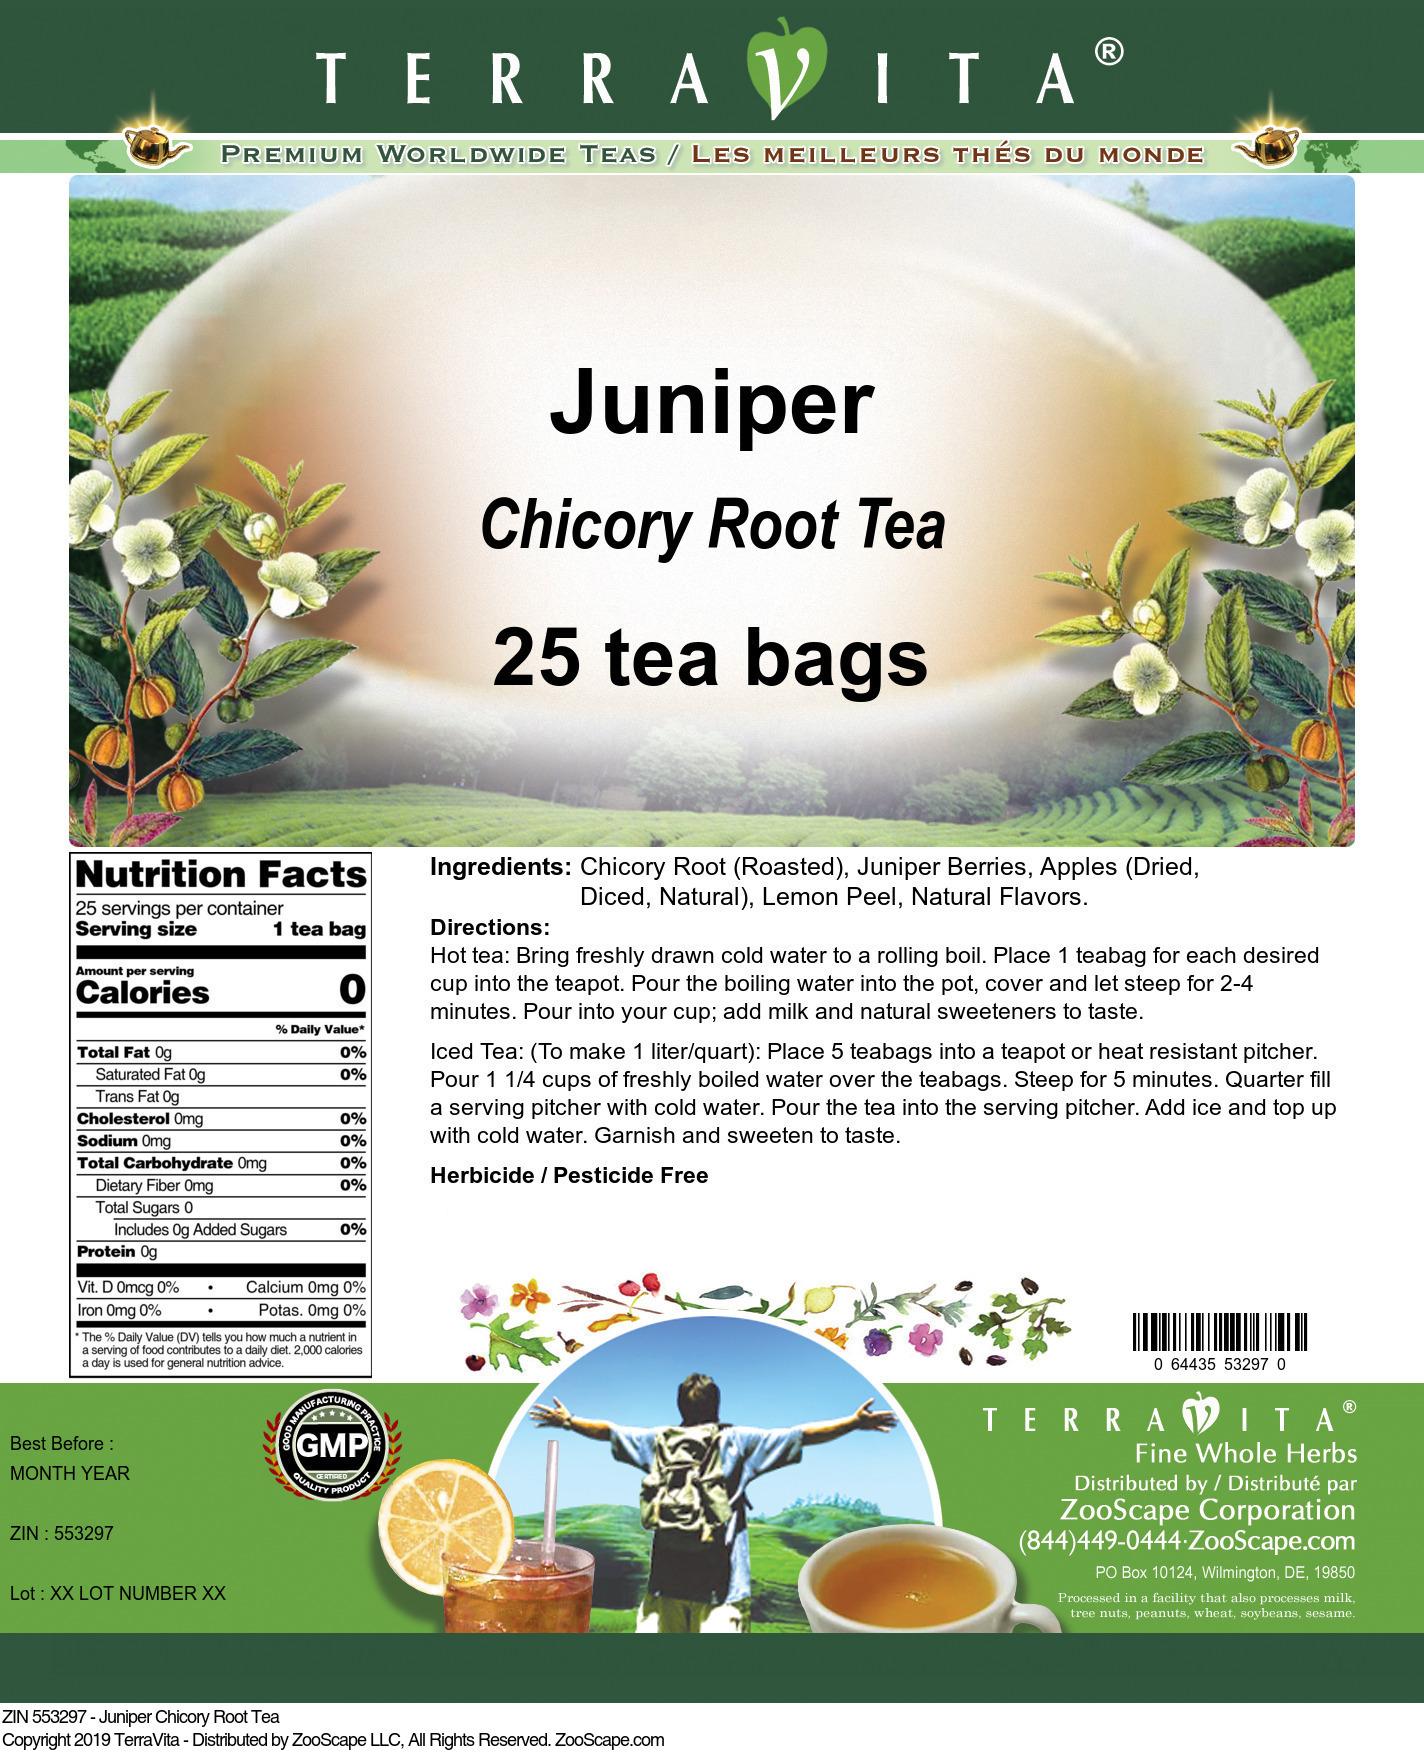 Juniper Chicory Root